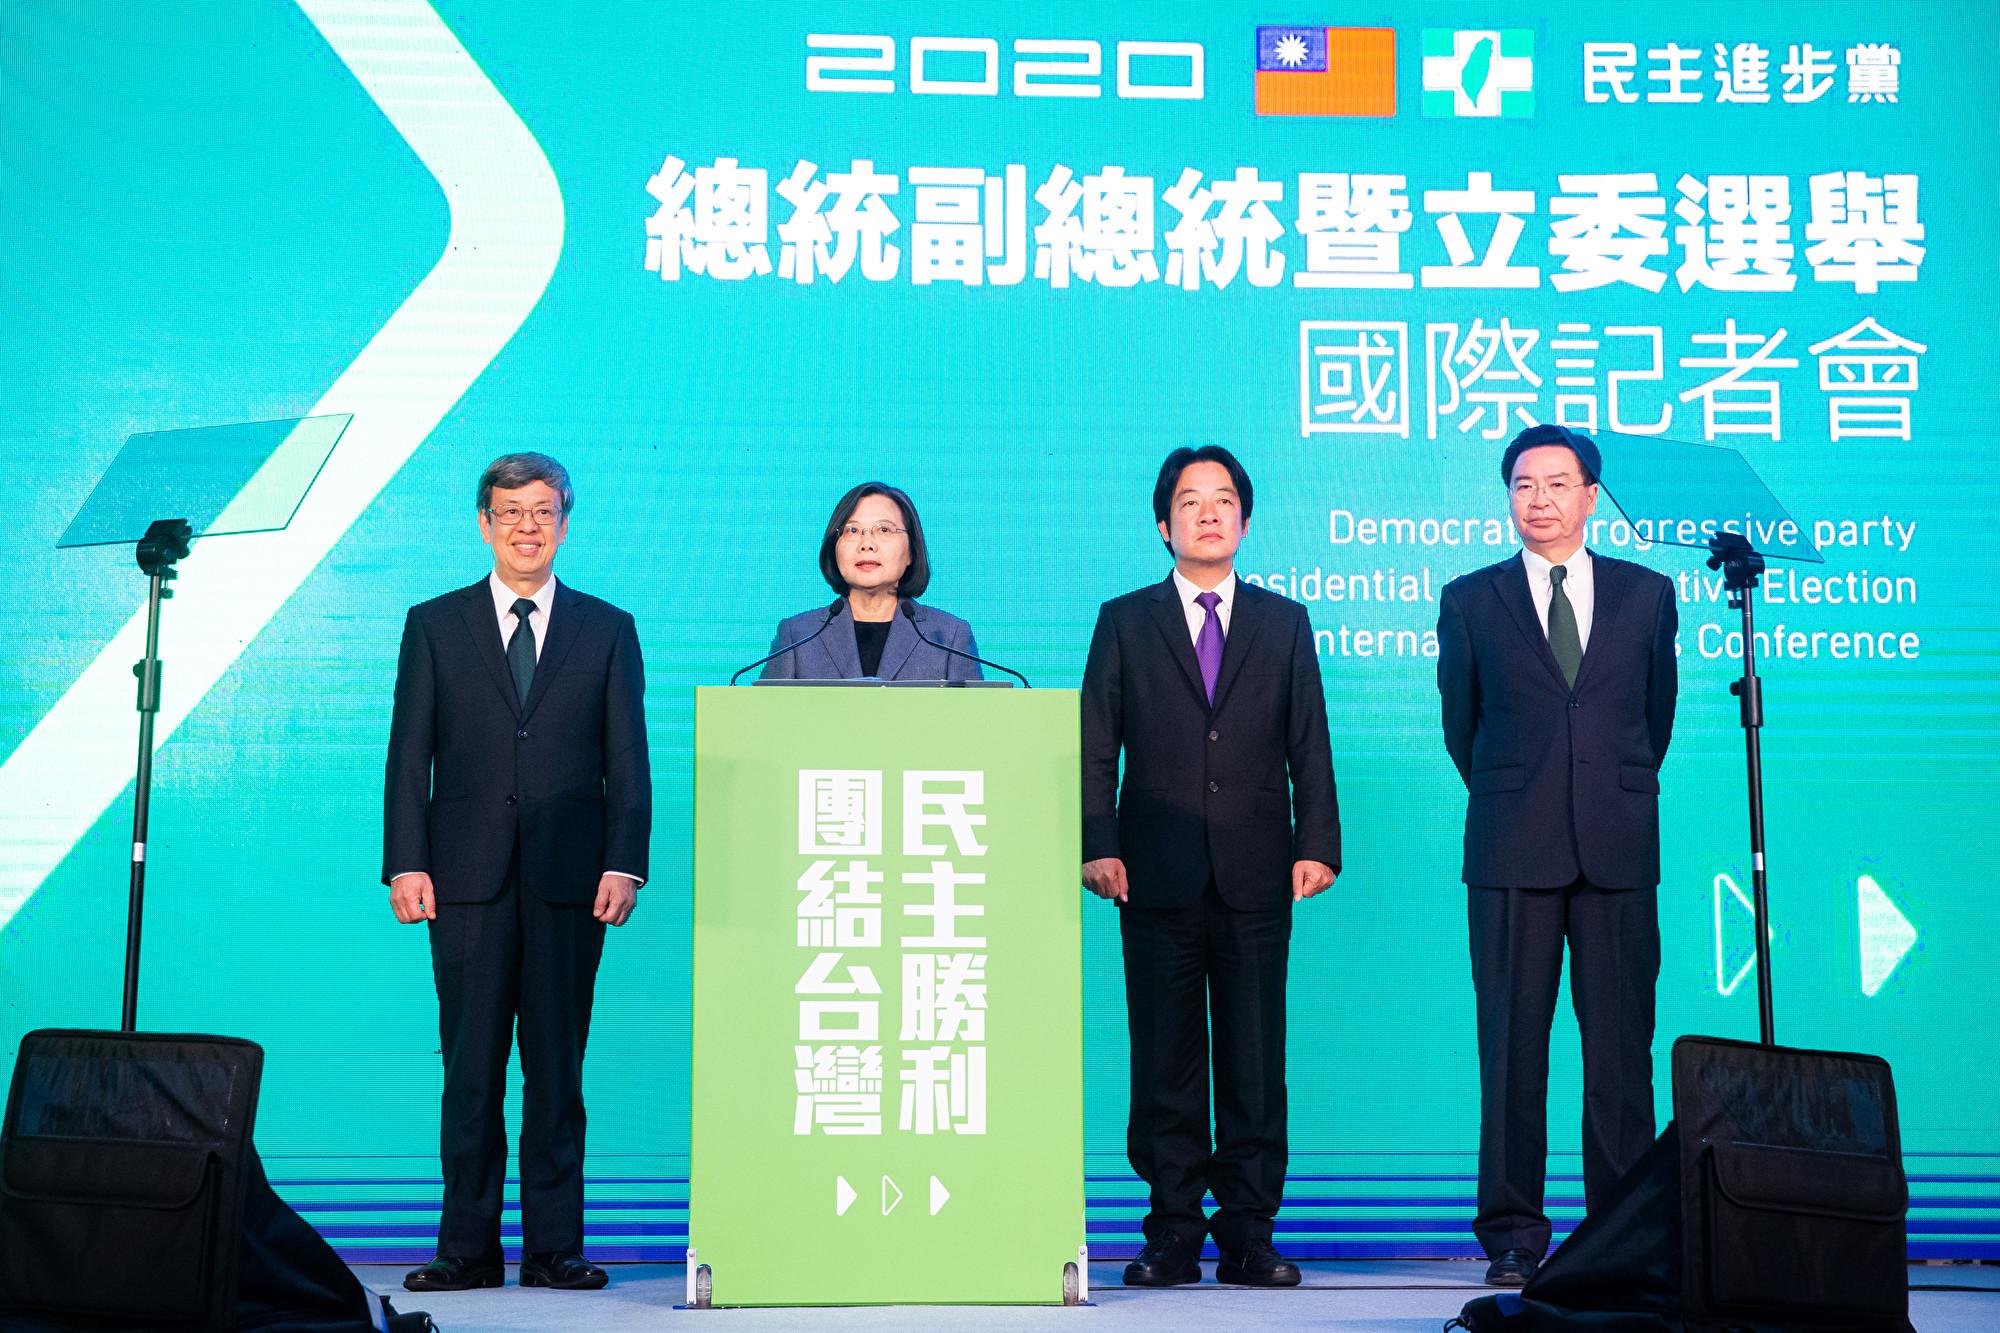 台灣2020年大選,蔡英文獲勝。分析指出,這給中共對台政策帶來重重的一擊。(陳柏州/大紀元)